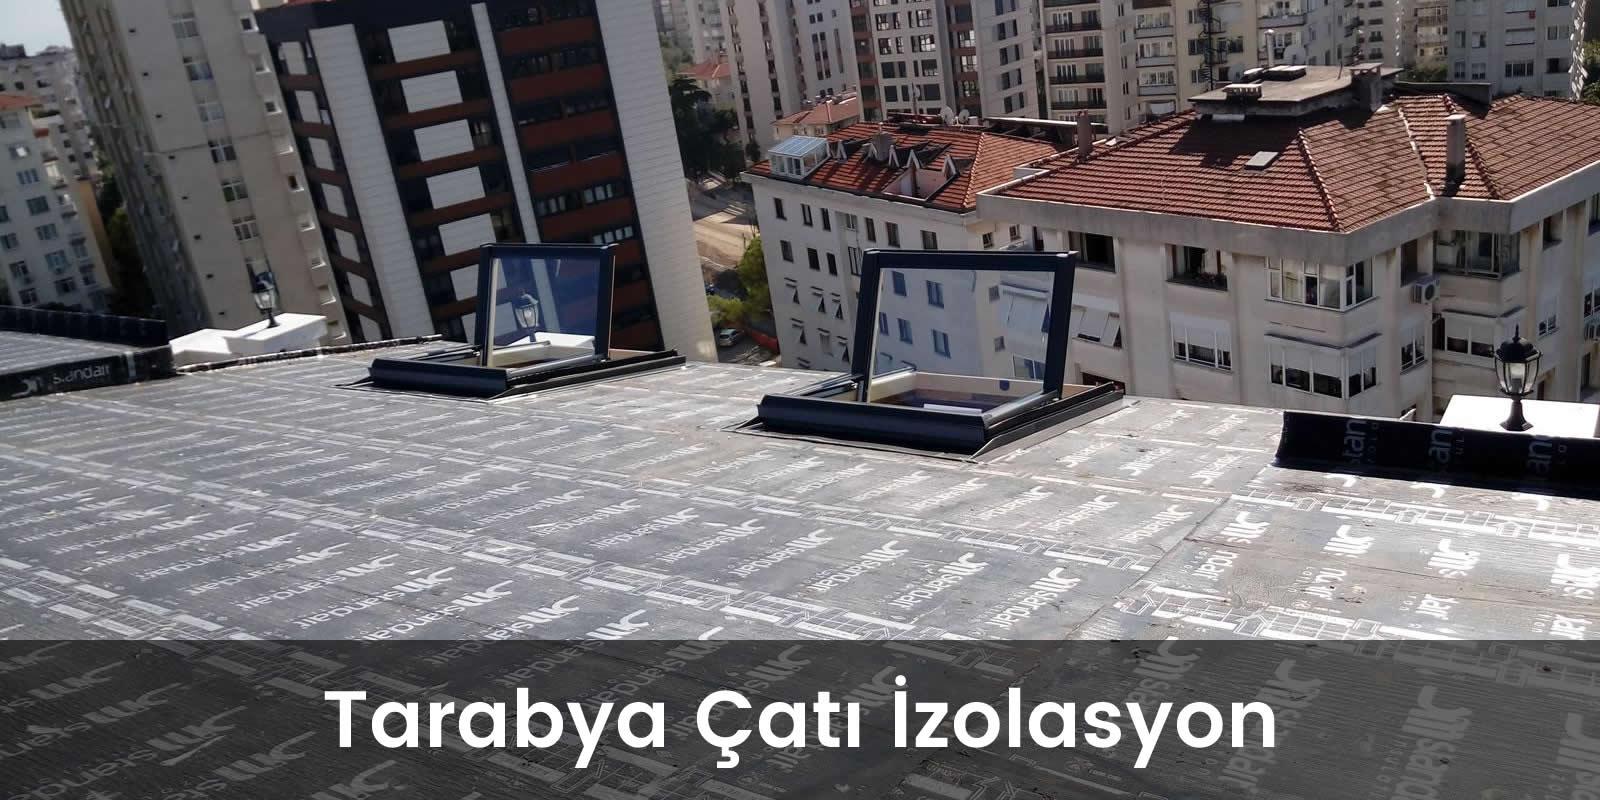 tarabya çatı izolasyon